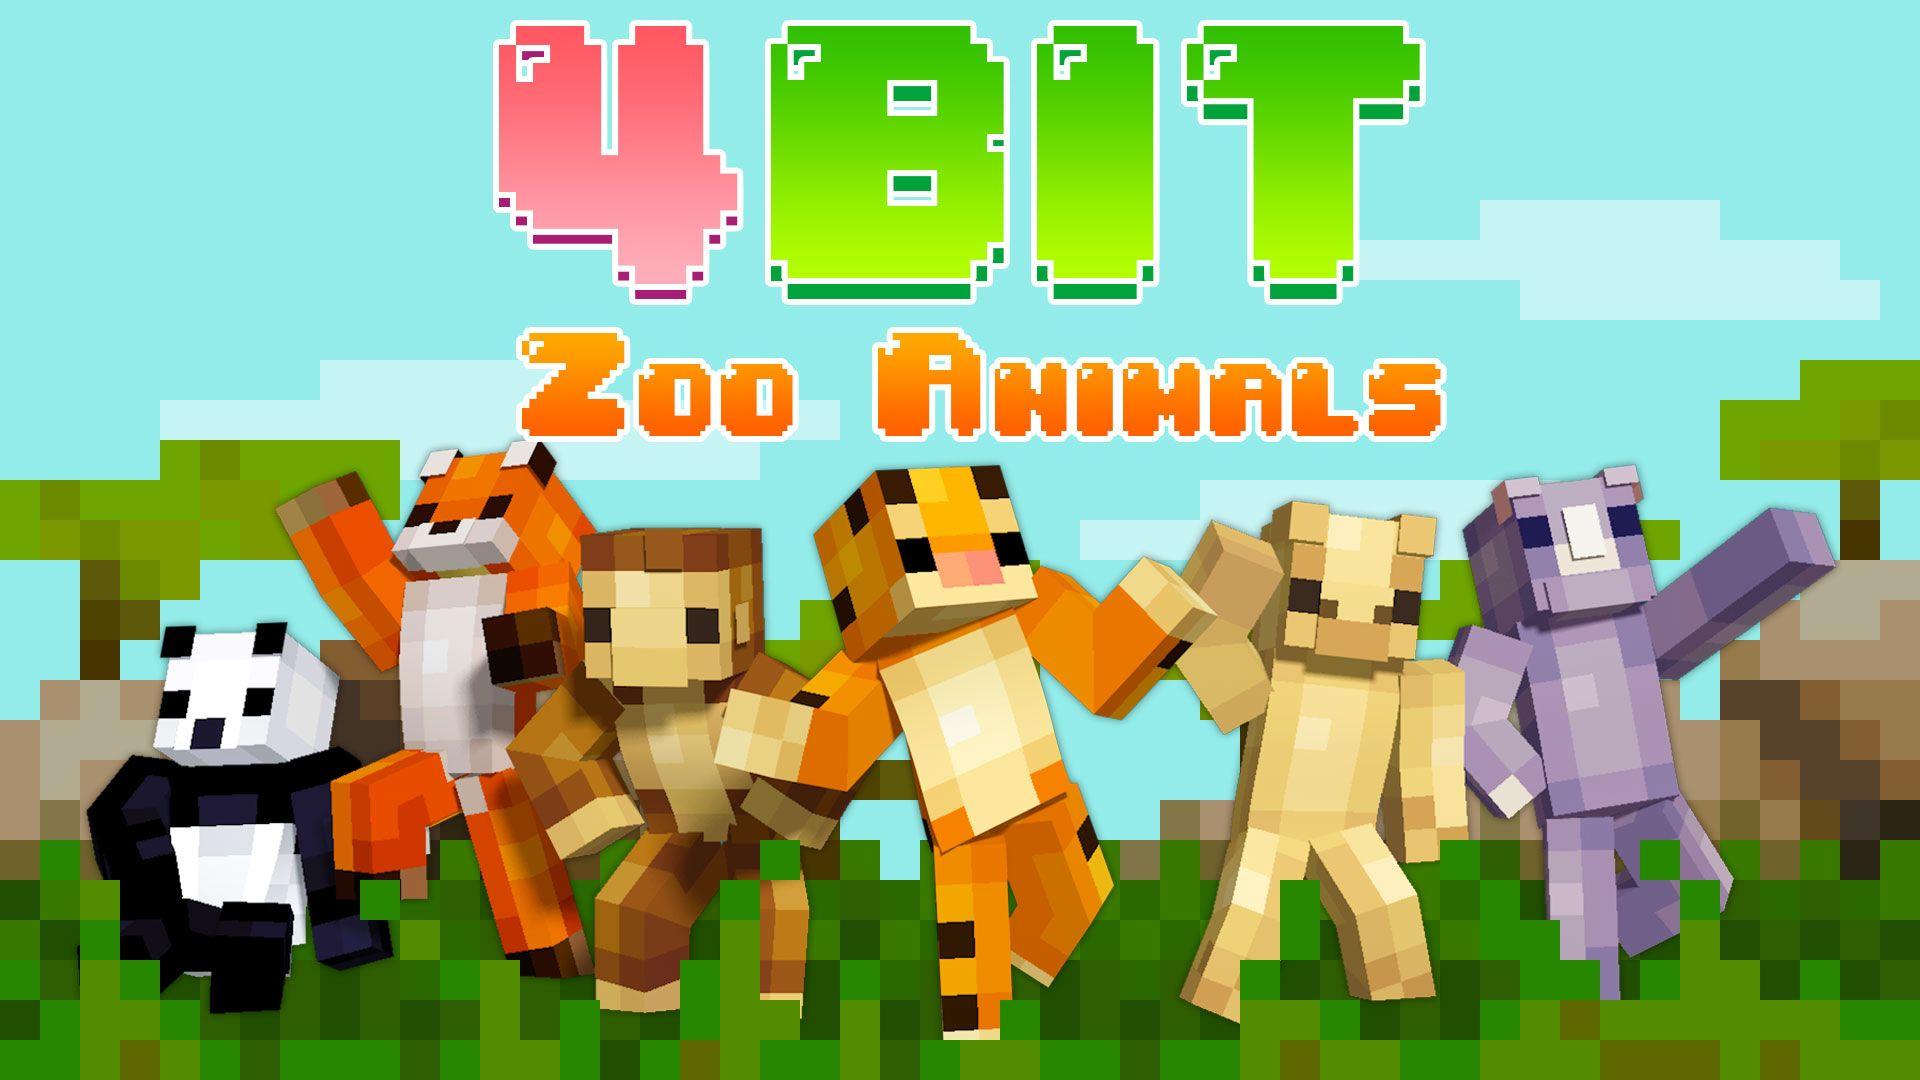 8BIT Zoo Animals  Minecraft Skin Pack  Zoo animals, Minecraft